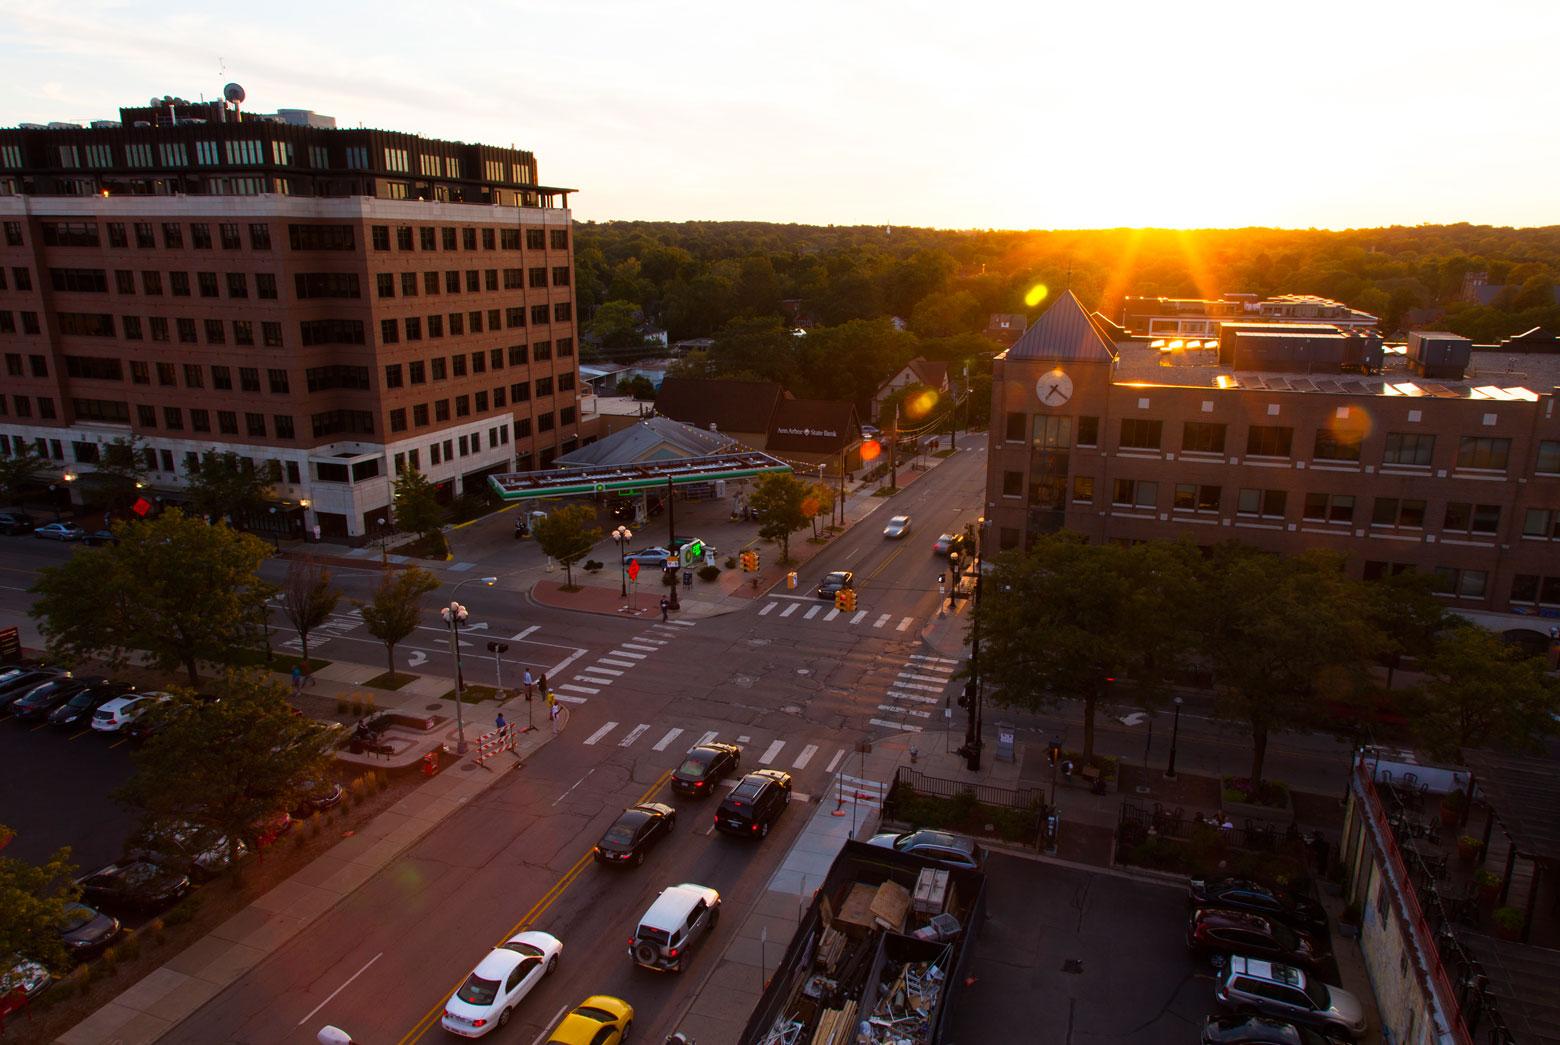 2015 Downtown Ann Arbor